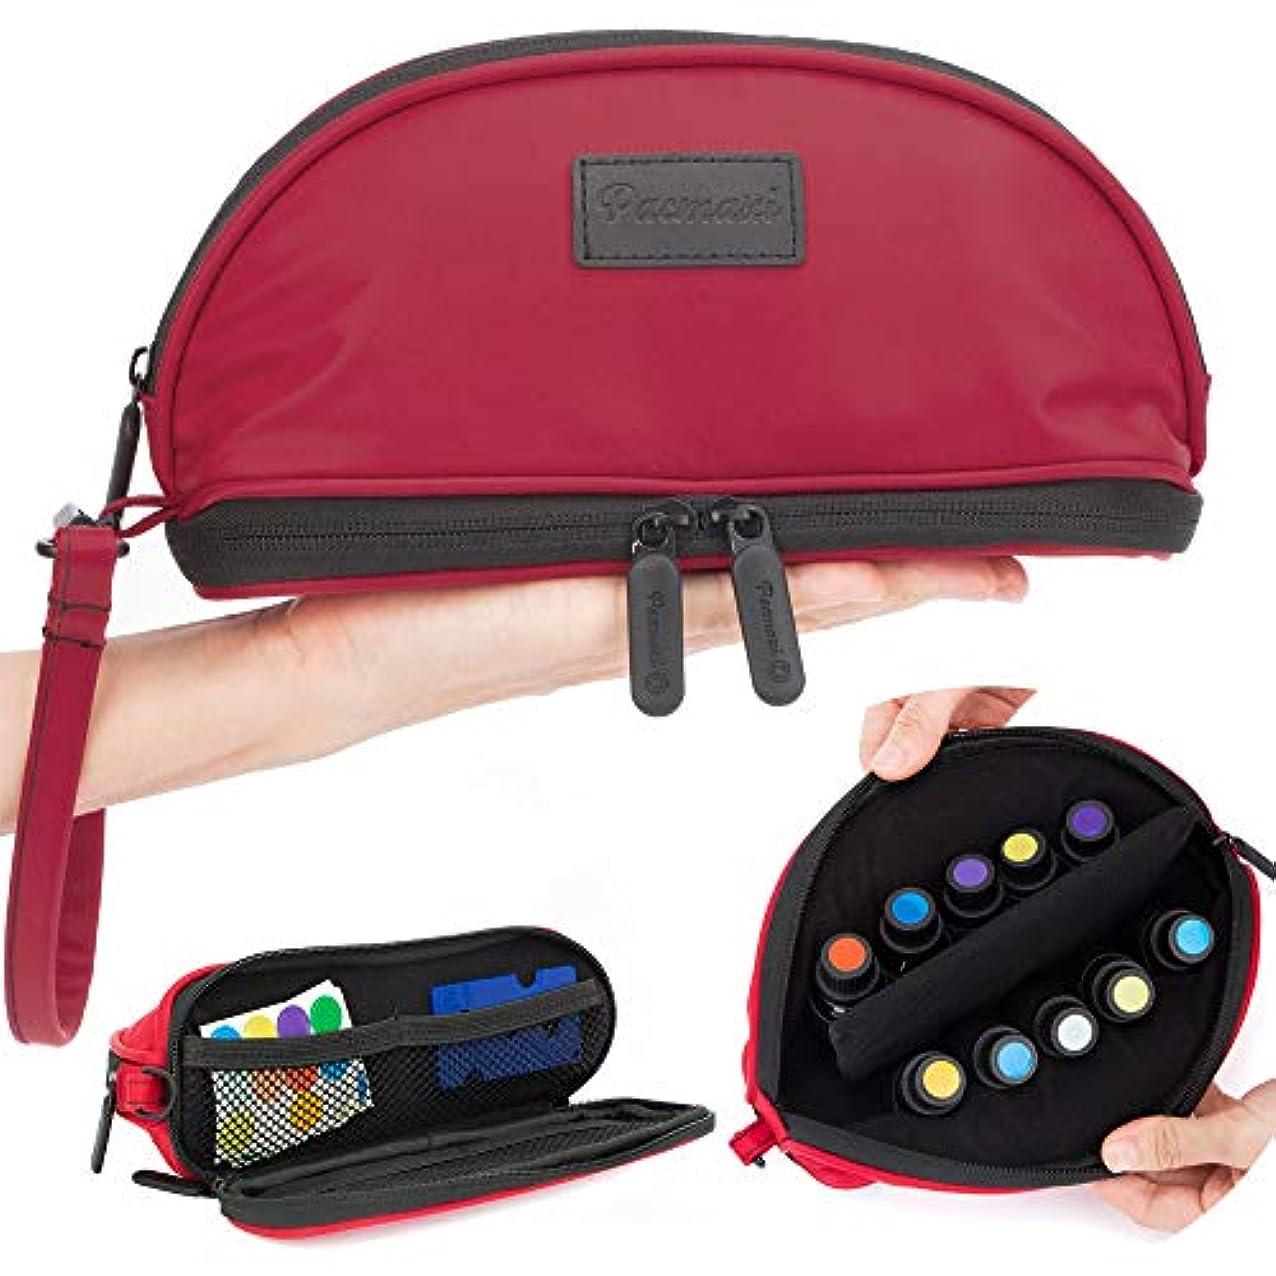 上院どうやって知恵[Pacmaxi]エッセンシャルオイル 収納ポーチ 携帯便利 旅行 10本収納(5ml - 15ml) ナイロン製 撥水加工 ストラップあり (レッド)